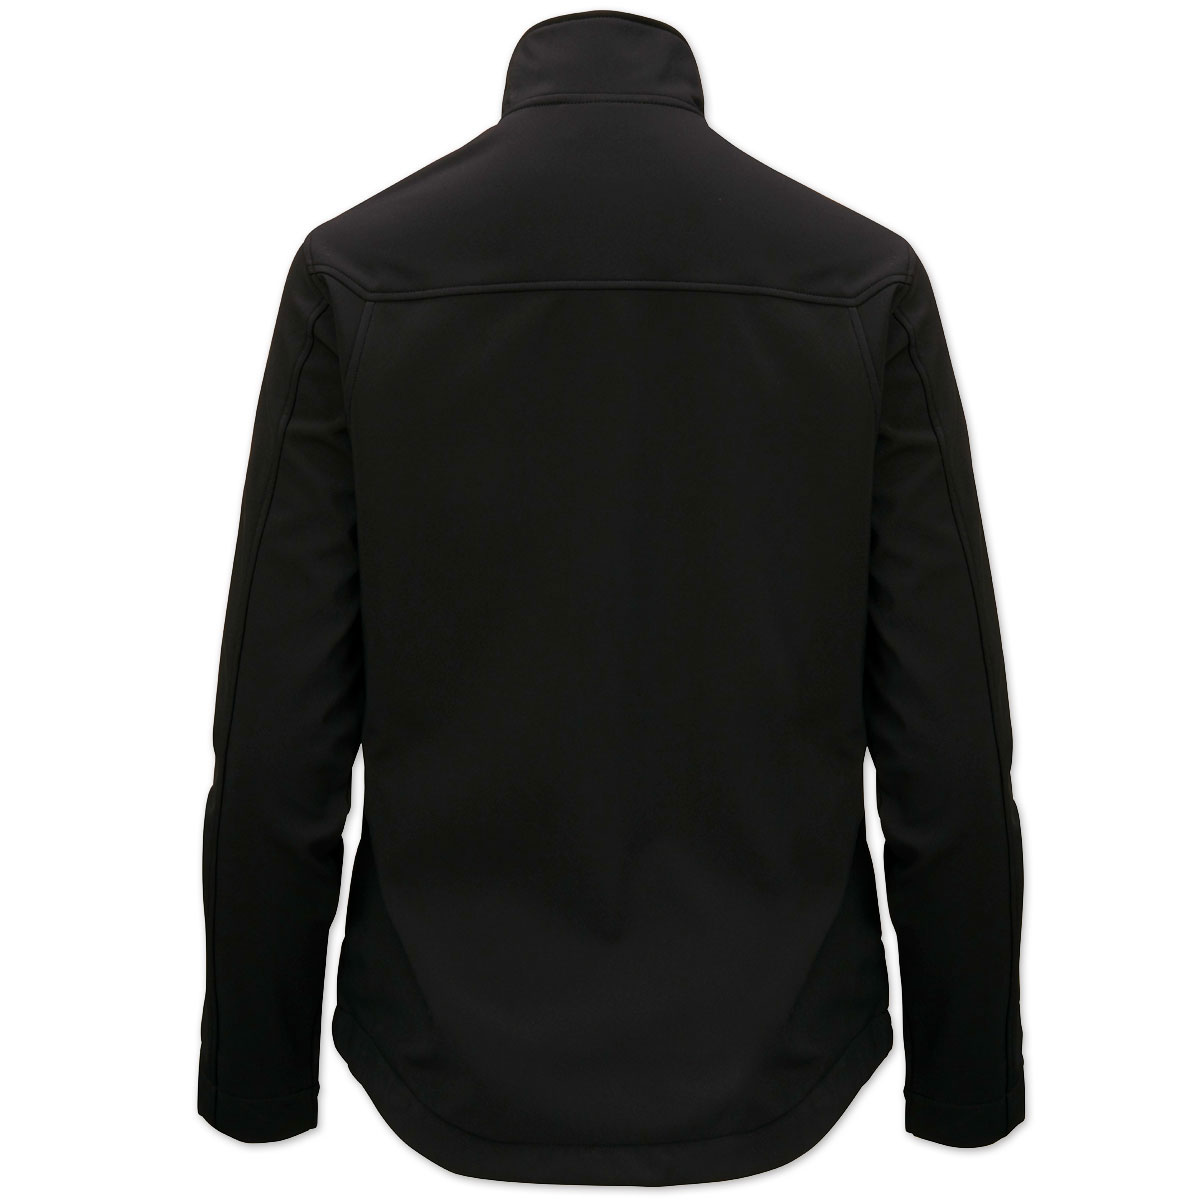 a217f1866 Ariat Team Softshell Jacket